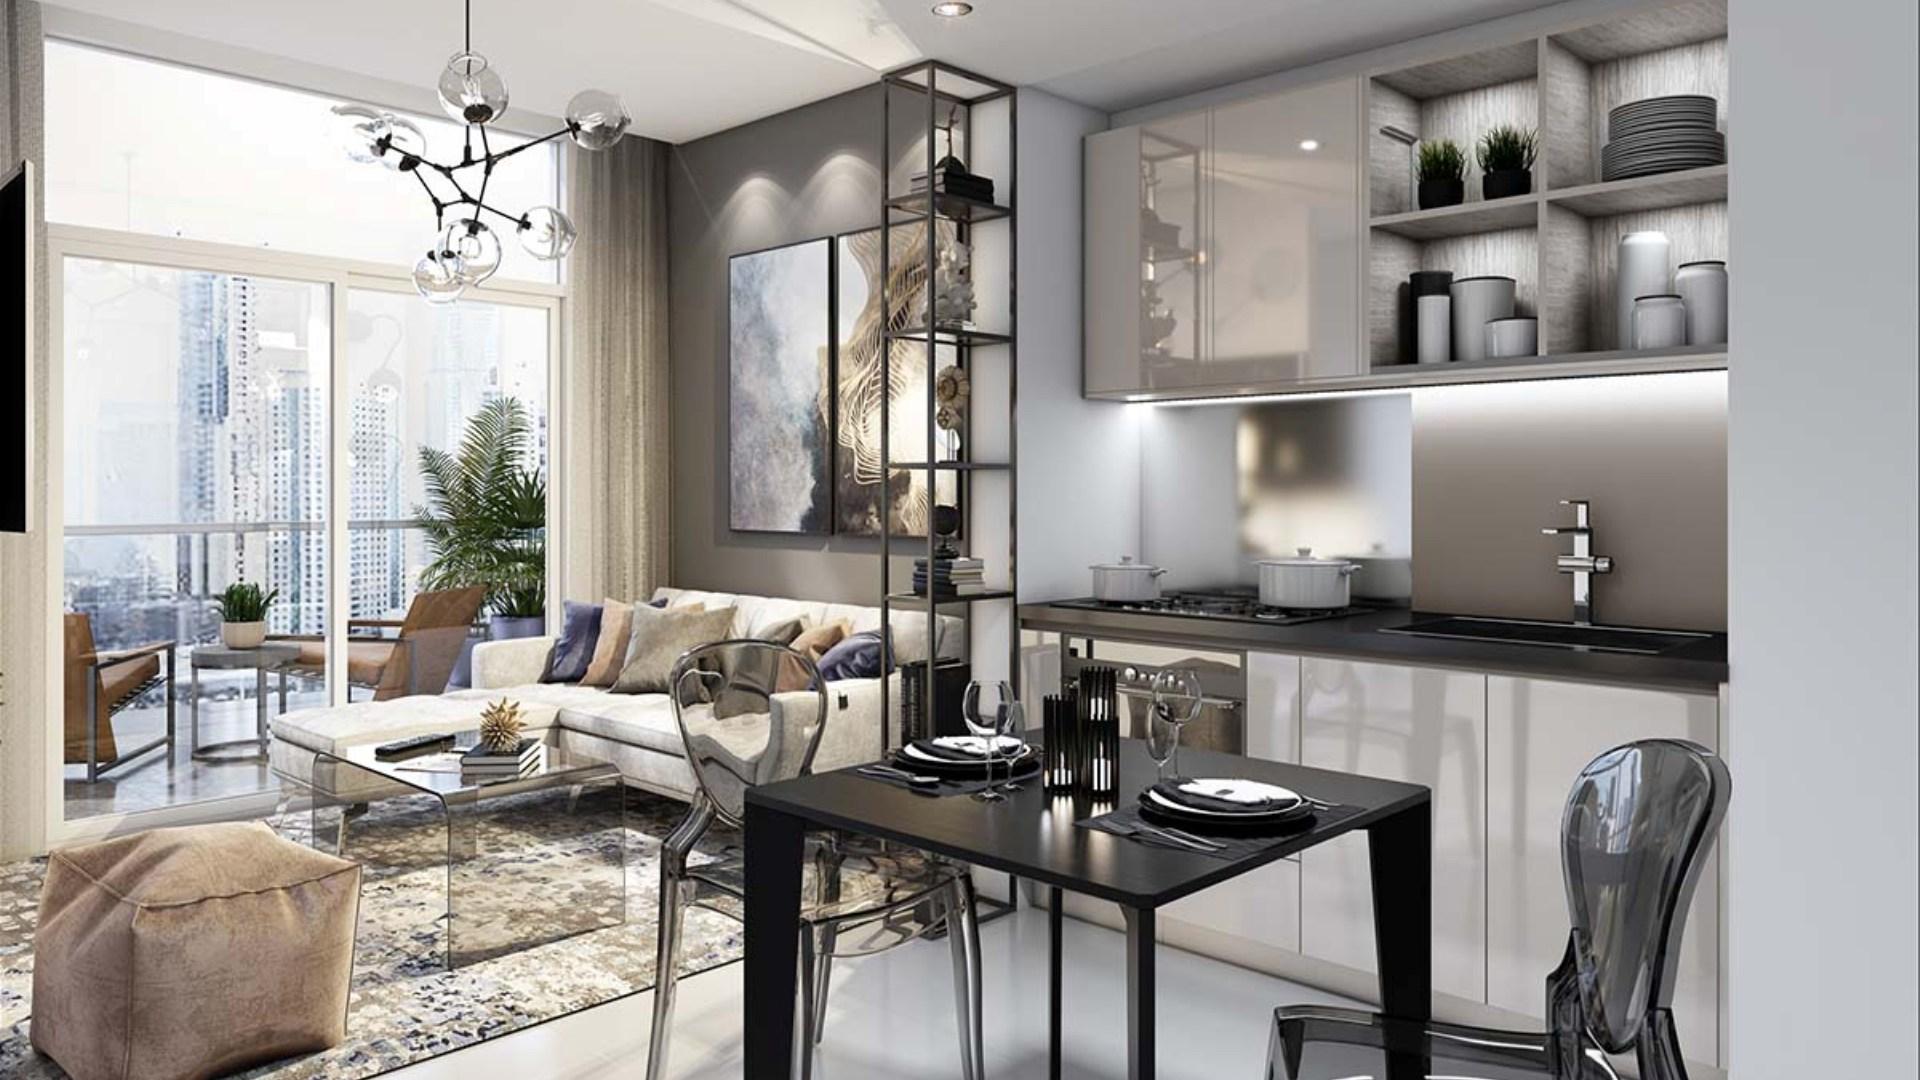 Apartamento en venta en Dubai, EAU, 2 dormitorios, 92 m2, № 24119 – foto 3